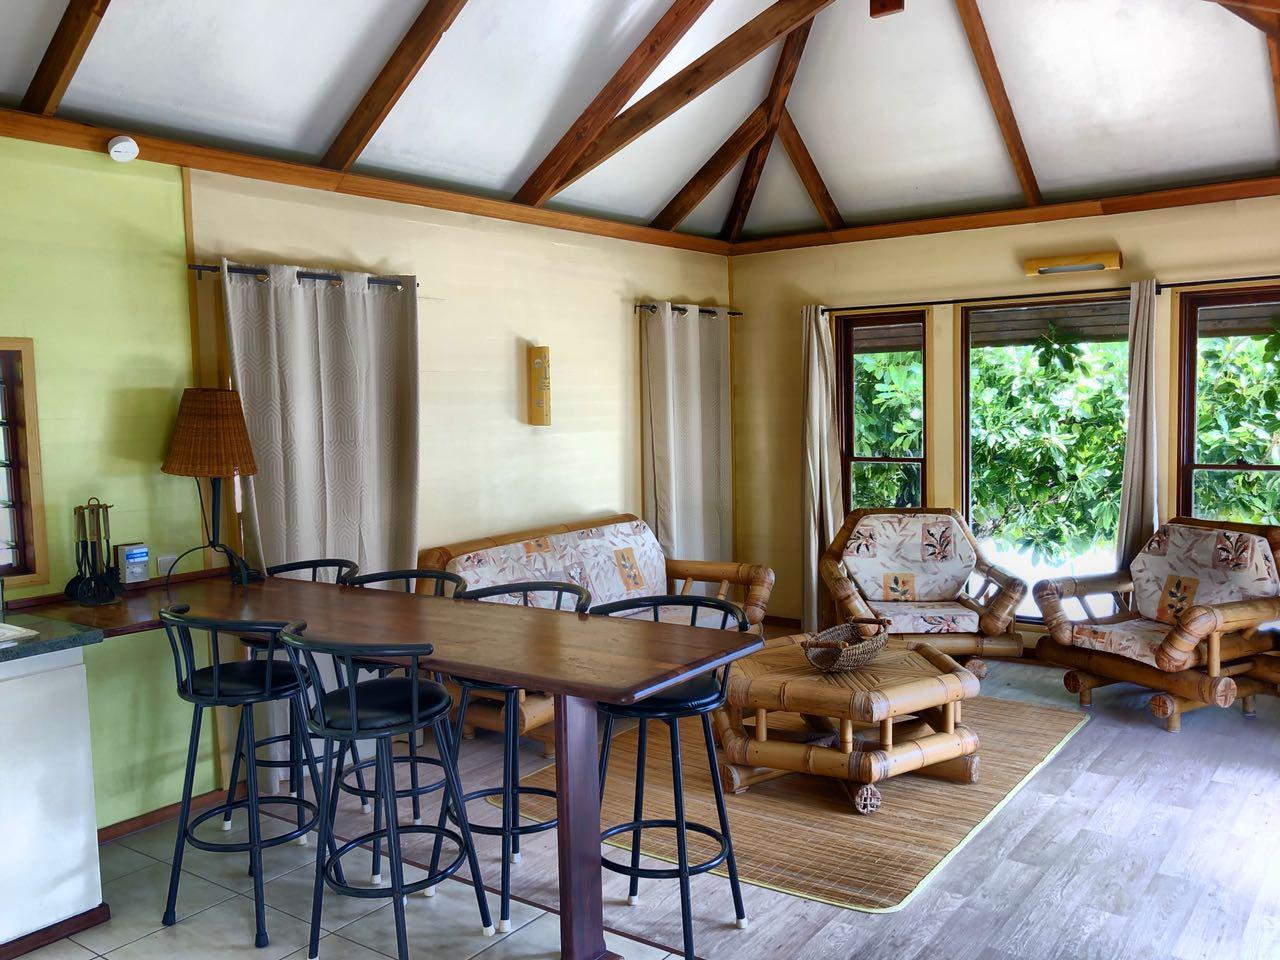 Gemeinschaftsbereich bei Chez Nono, Bora Bora, Südsee